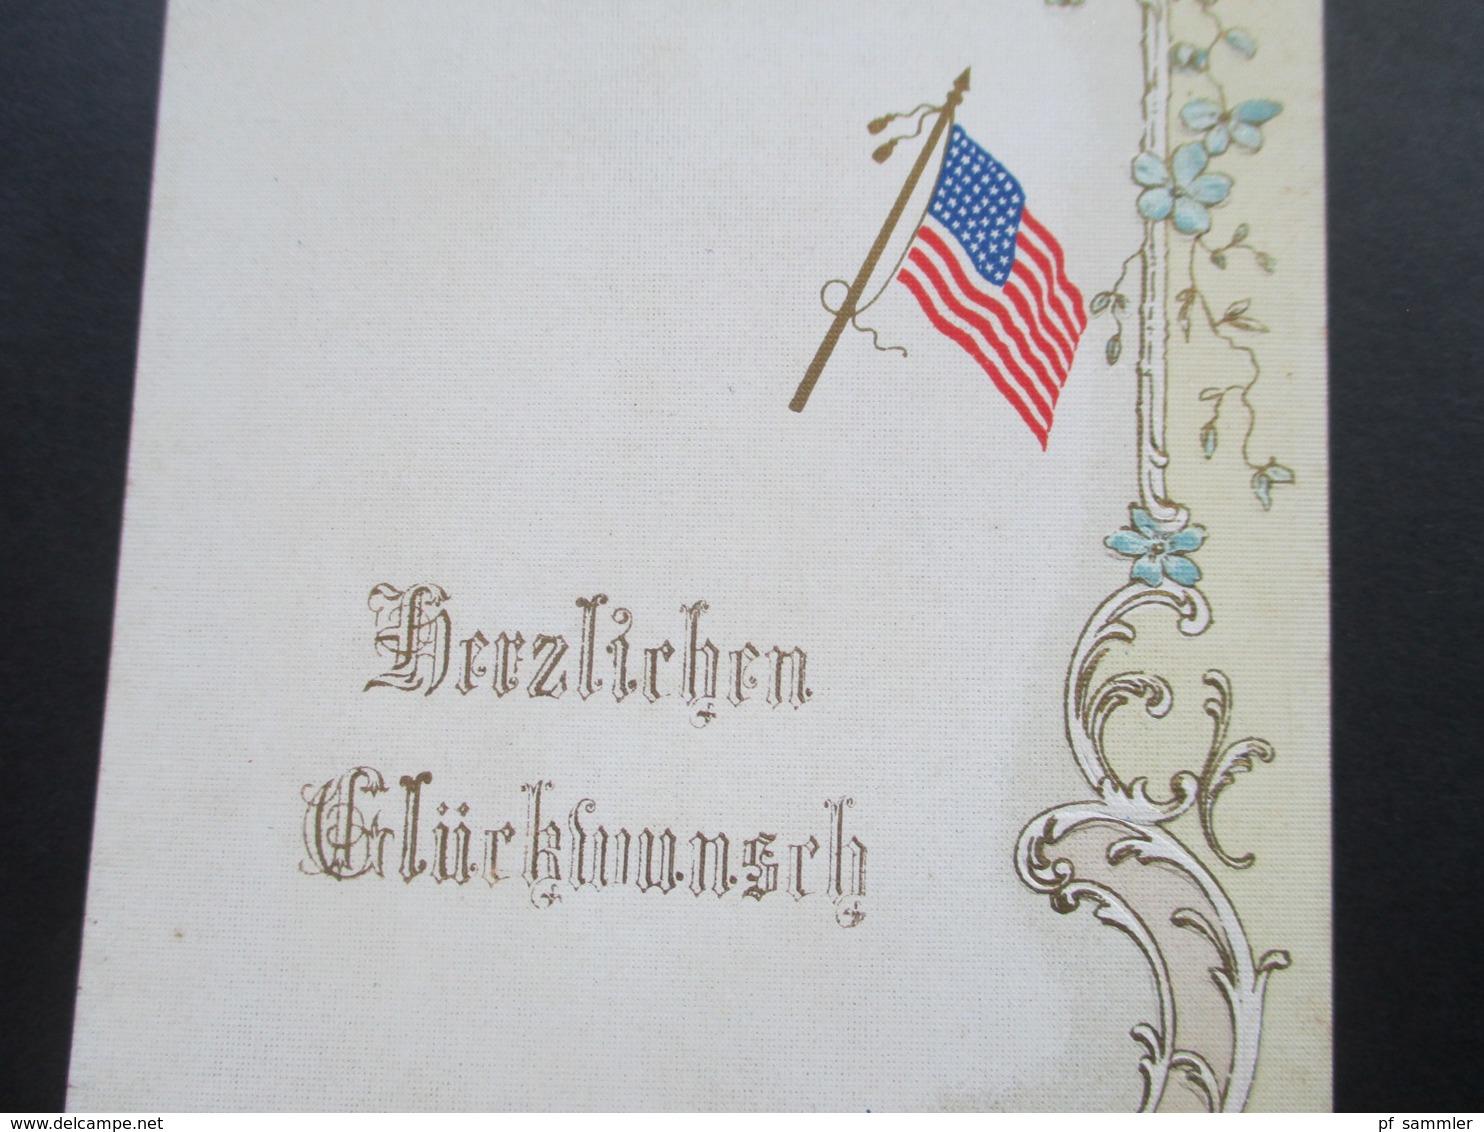 Werbepostkarte Cichorien Daniel Voelcker Bester Kaffeezusatz. Rieliefkarte. Amerikanische Flagge. Herzlichen Glückwunsch - Werbepostkarten